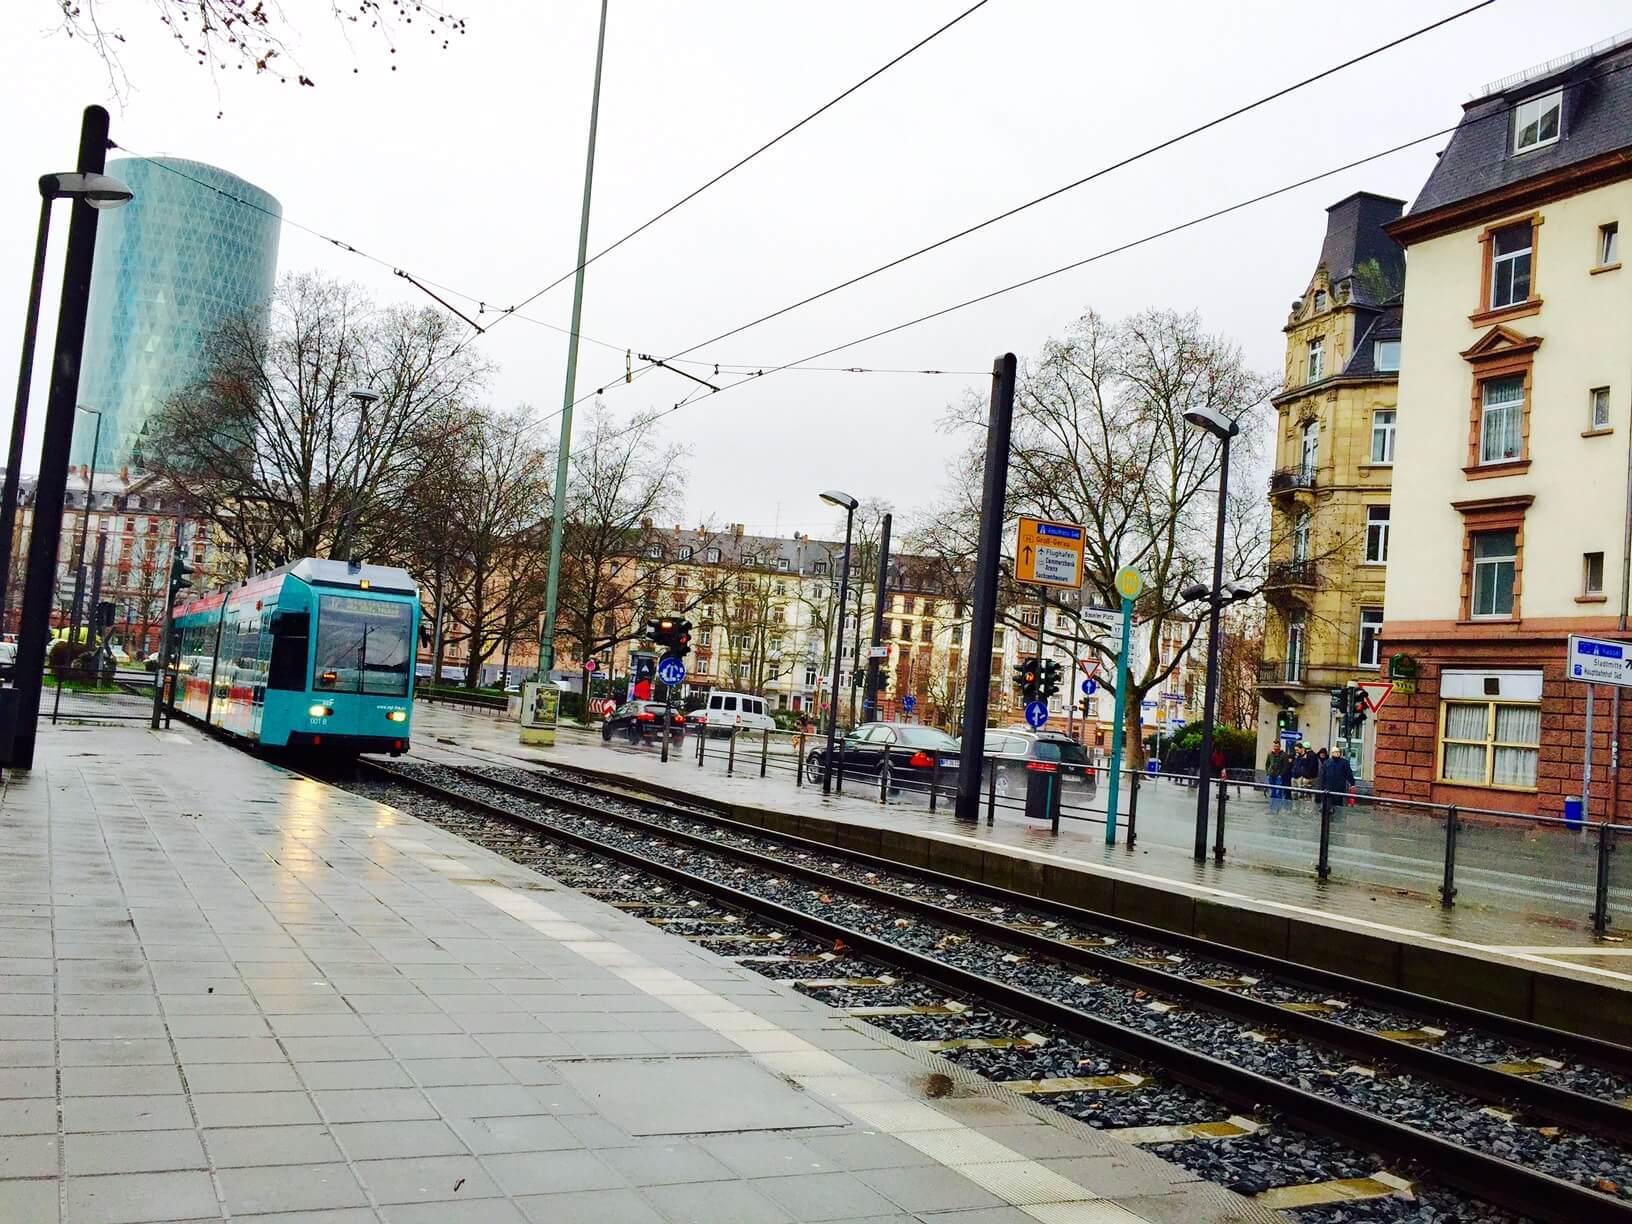 Bahn der VGF fährt durch das Gutleutviertel an einem regnerischen Tag